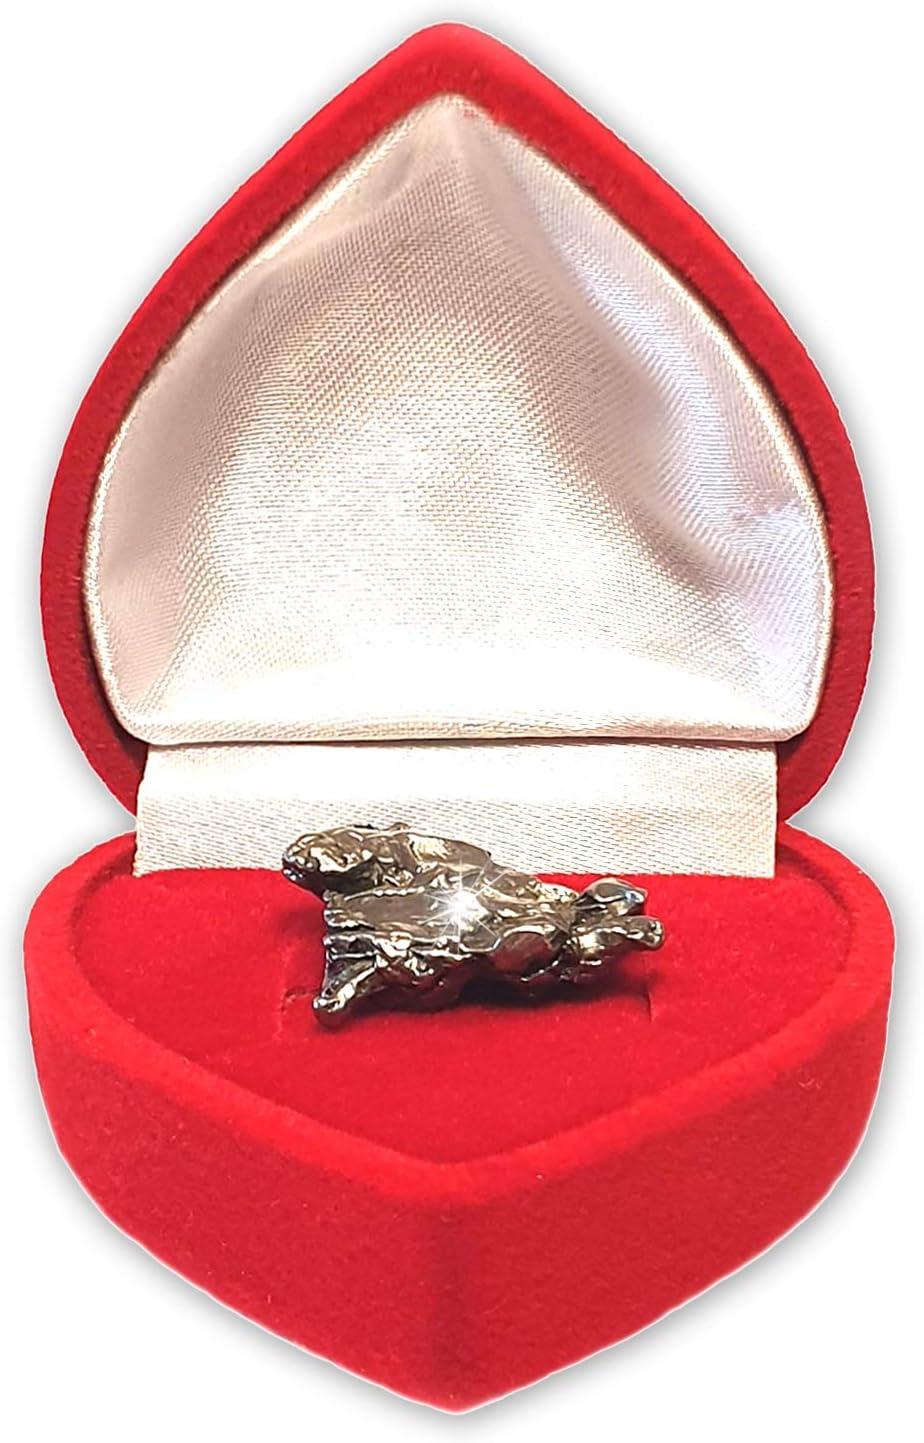 cadeau pour anniversaire comme cadeau de No/ël Authentique /étoile filante en rouge C/œur Bo/îte? Comprend un certificat d/étoile filante avec de lespace pour votre Signature anniversaire de mariage ou la Saint-Valentin